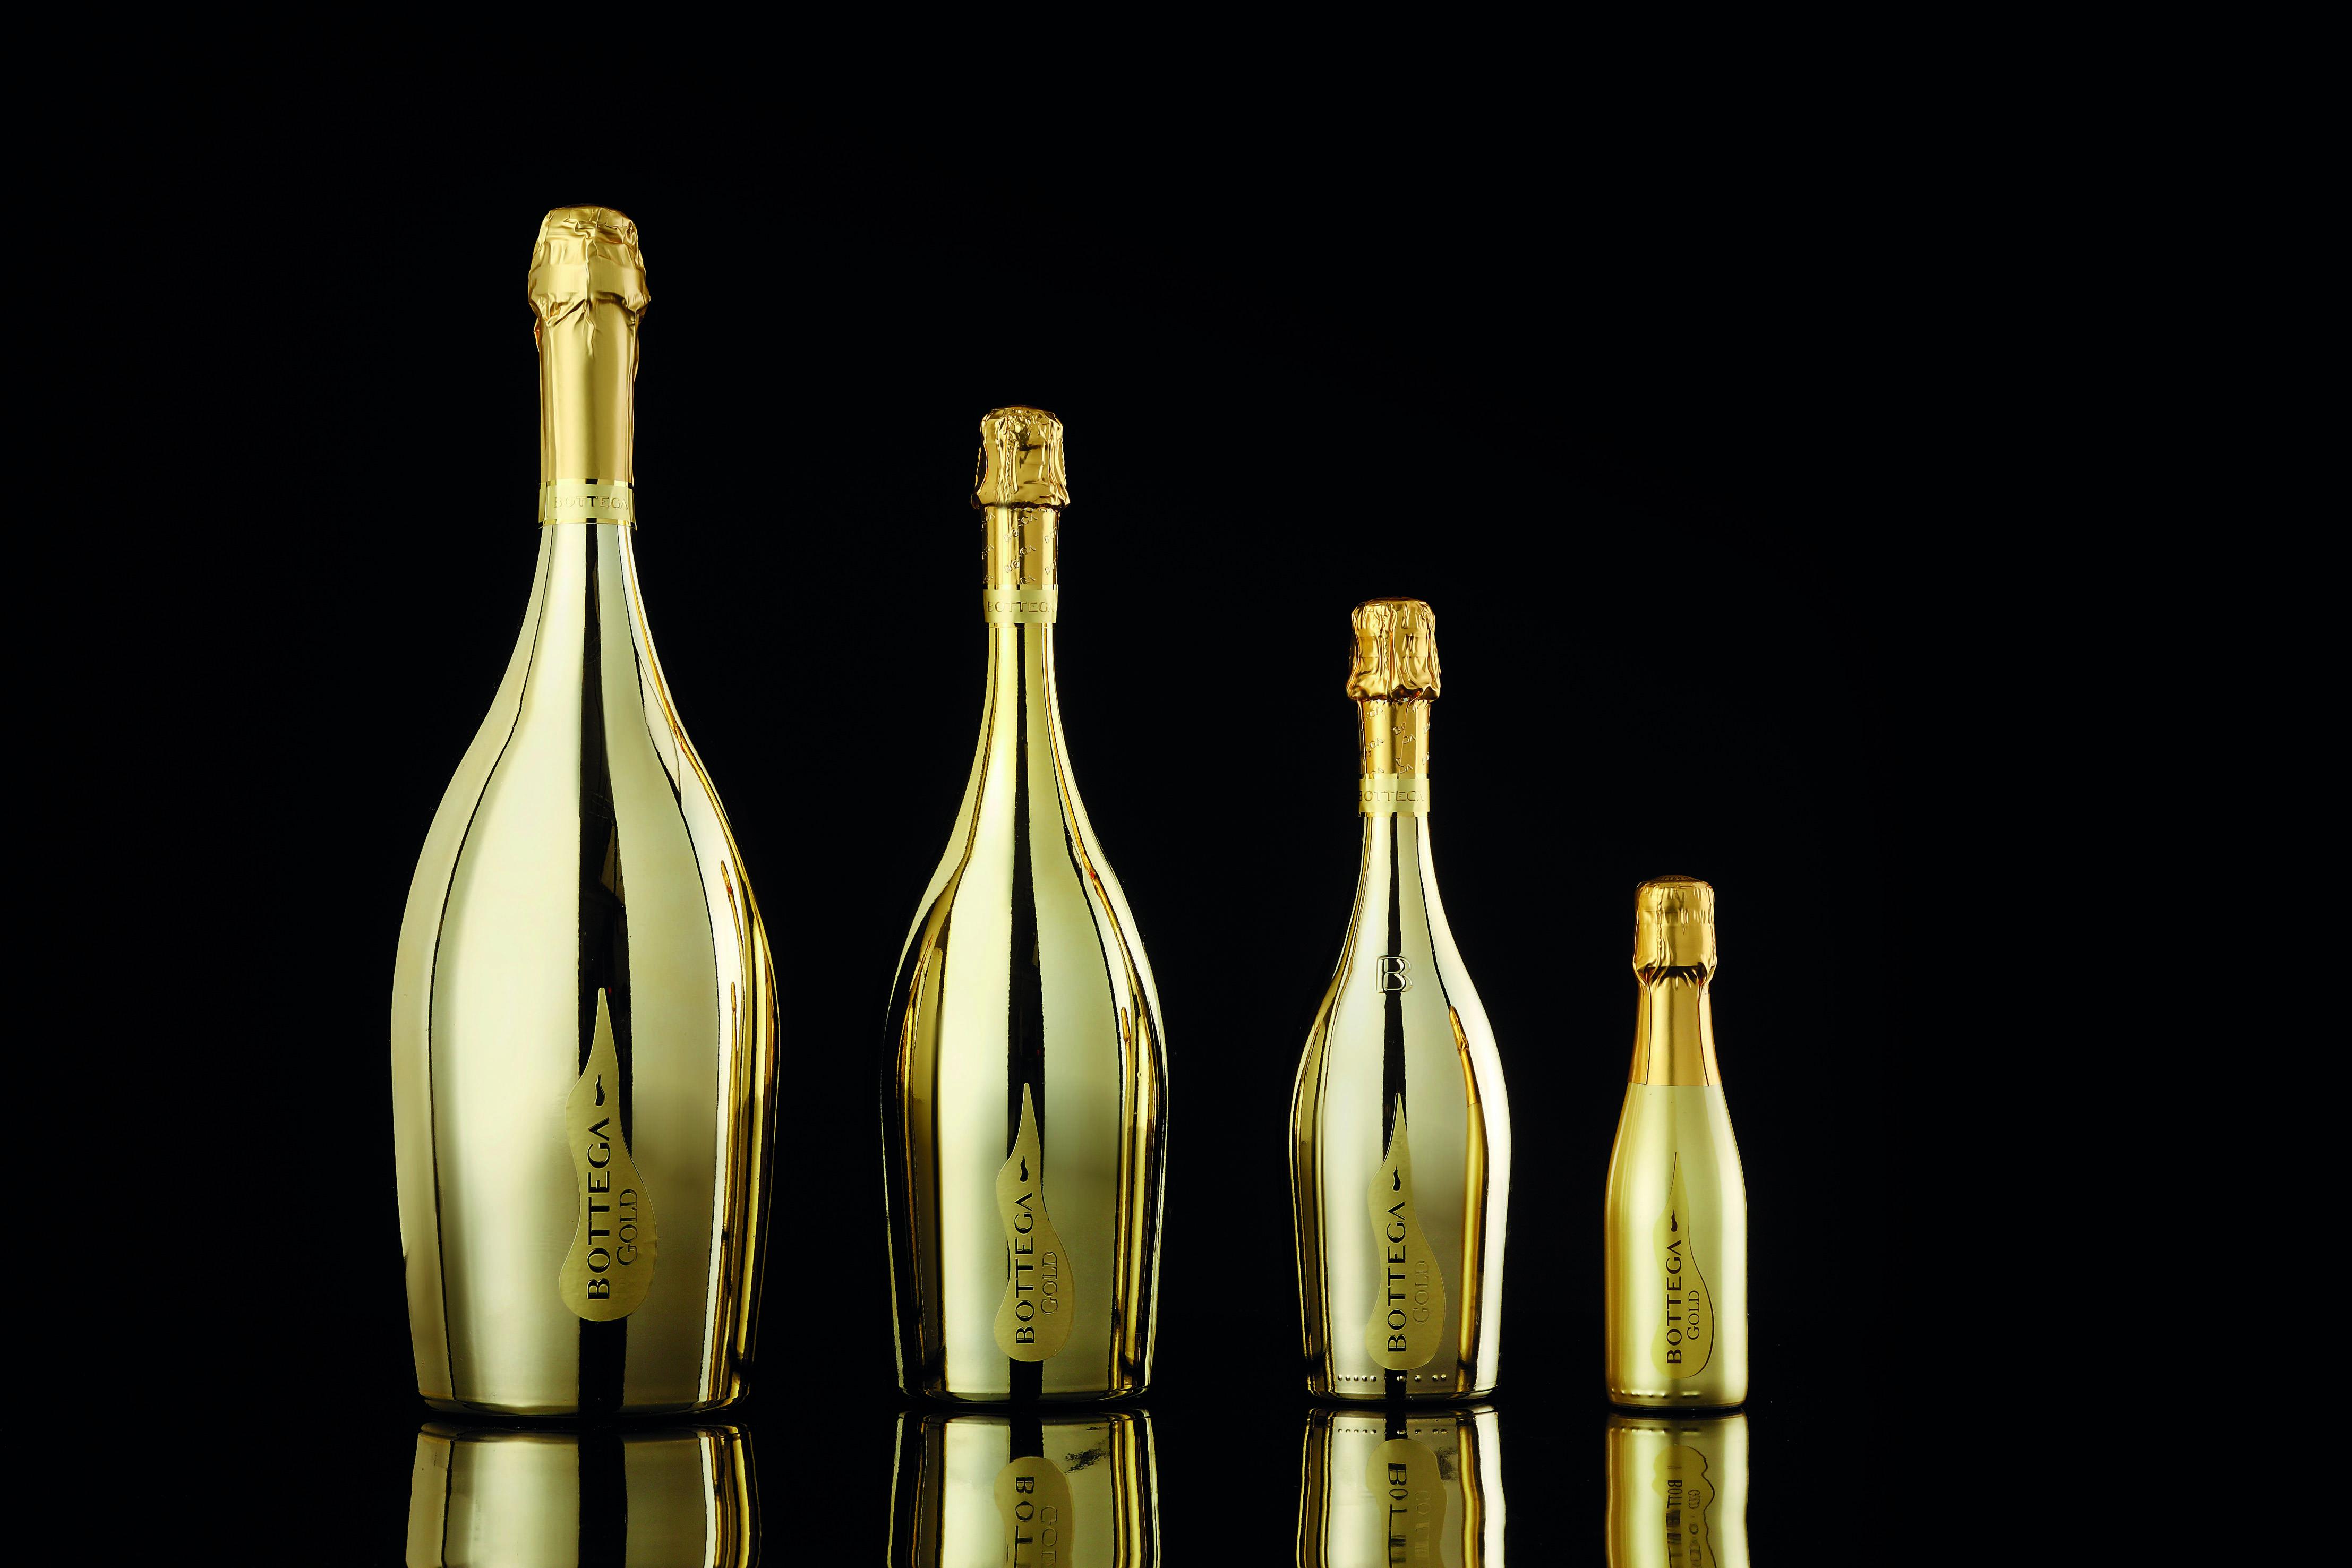 Исследование рынка шампанского в украине: потребление, производство, производители.